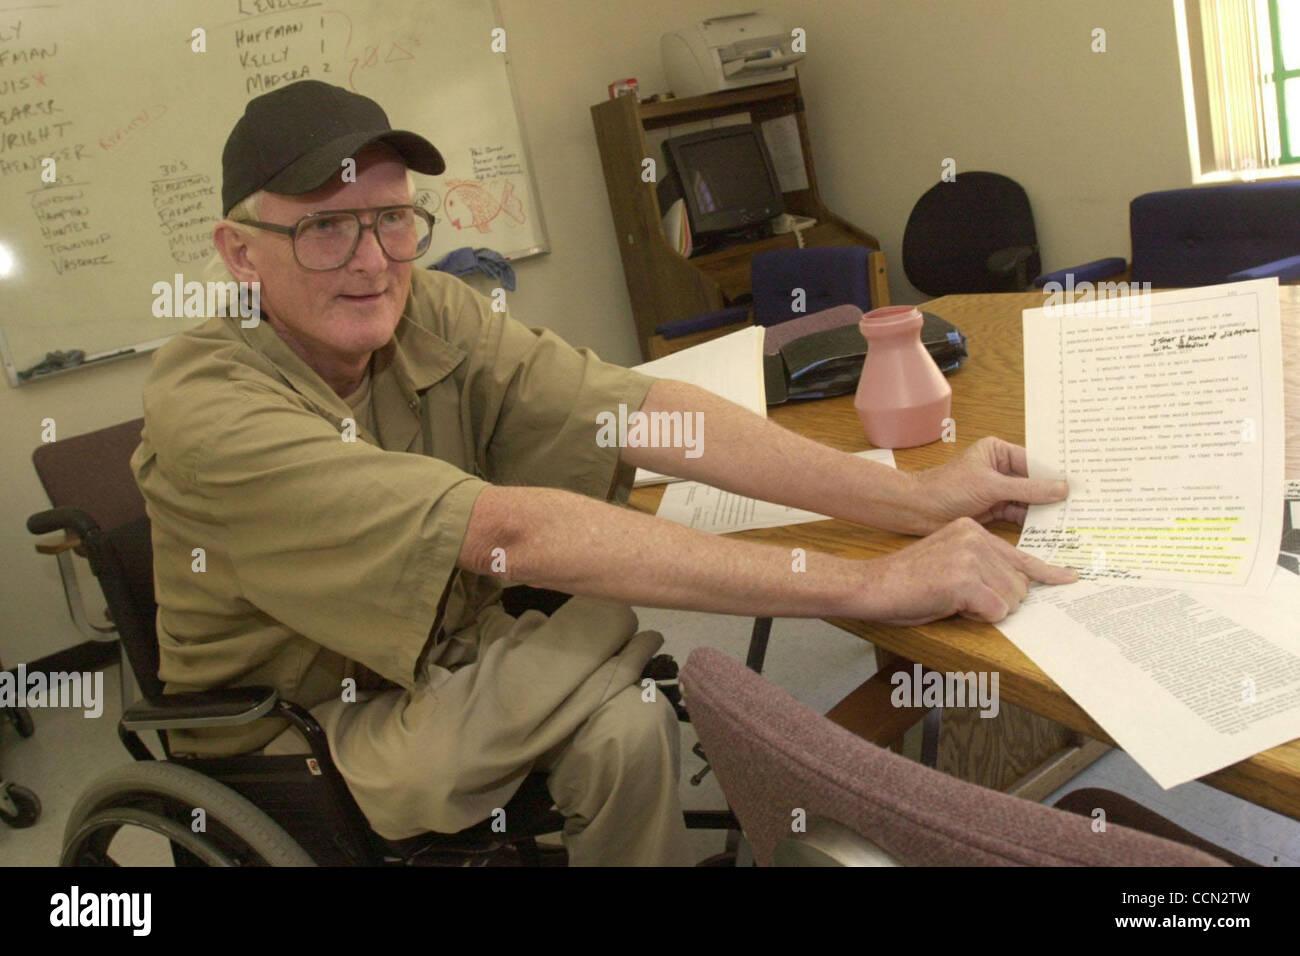 Greg concedere 58, di Santa Cruz, California, parla il motivo per cui egli non è iscritto al sessualmente predatori Immagini Stock